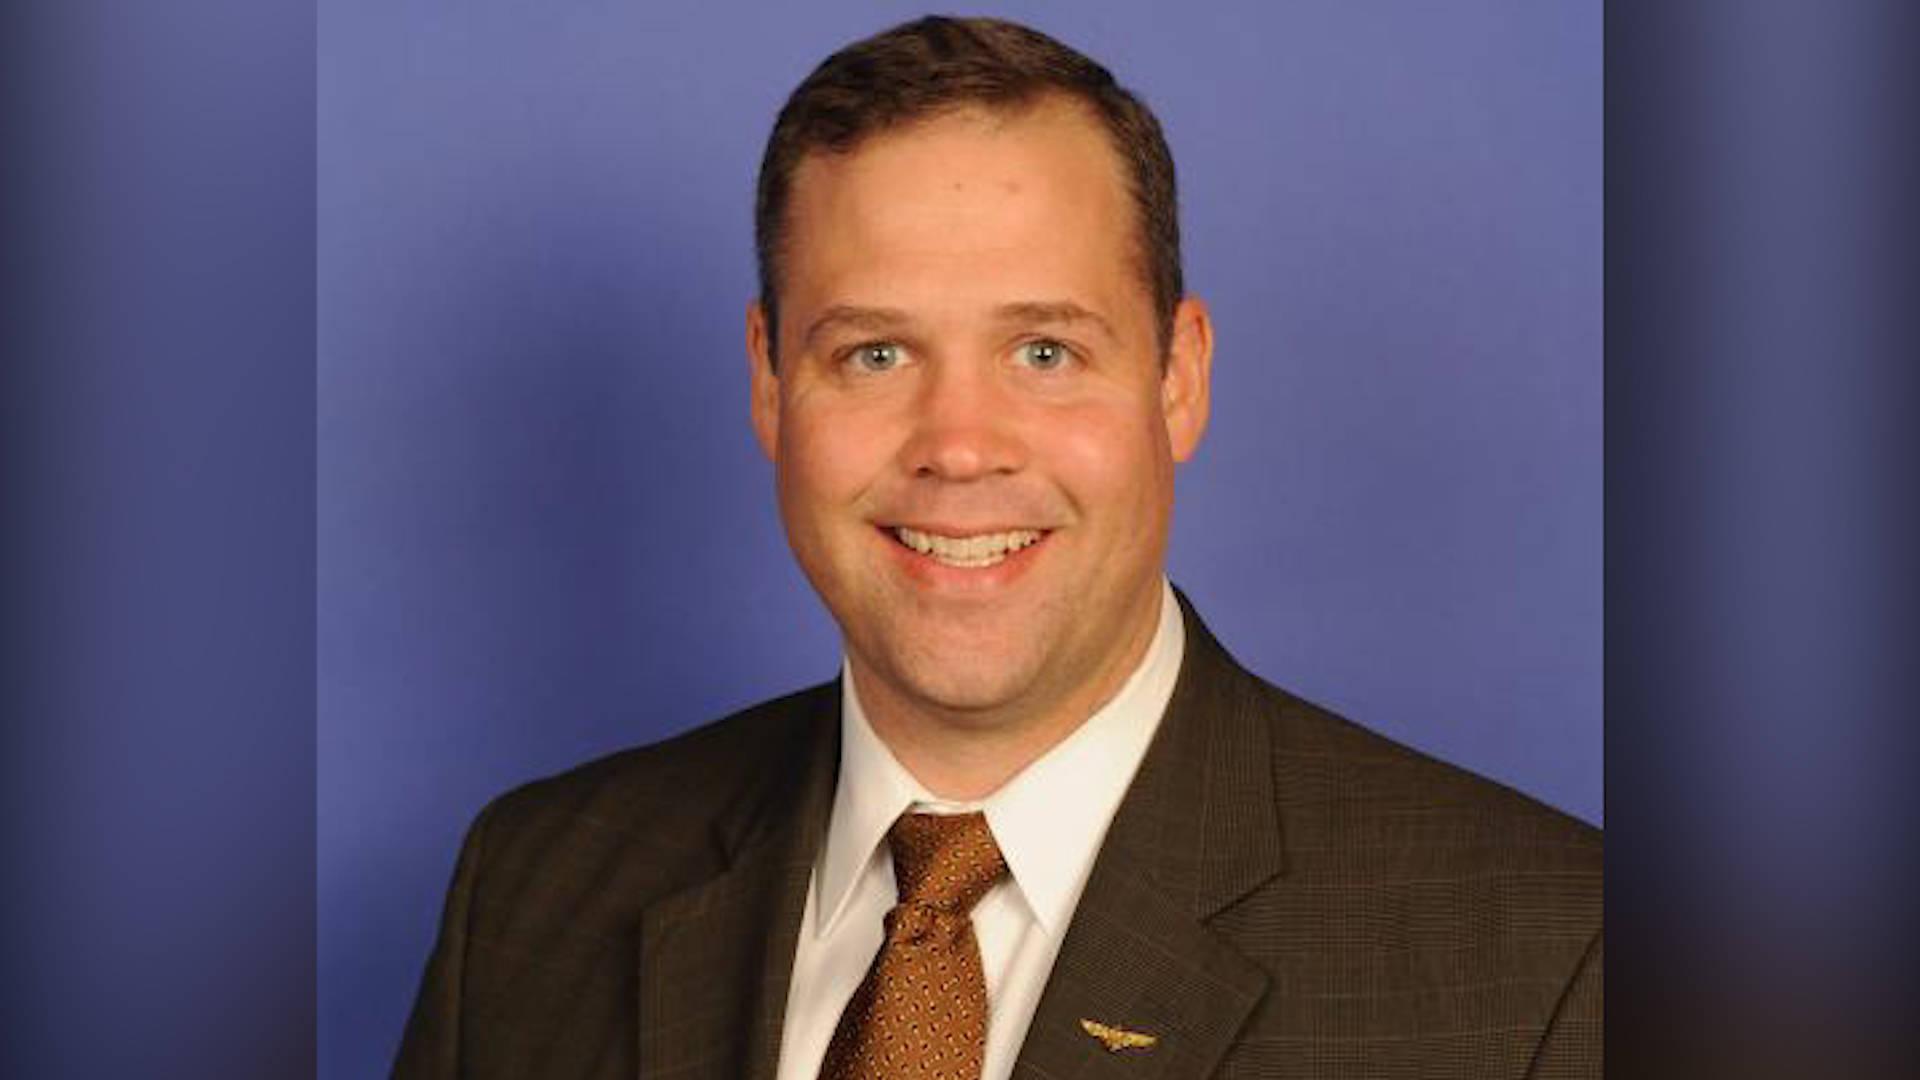 Climate Denier Jim Bridenstine Narrowly Confirmed as NASA Chief